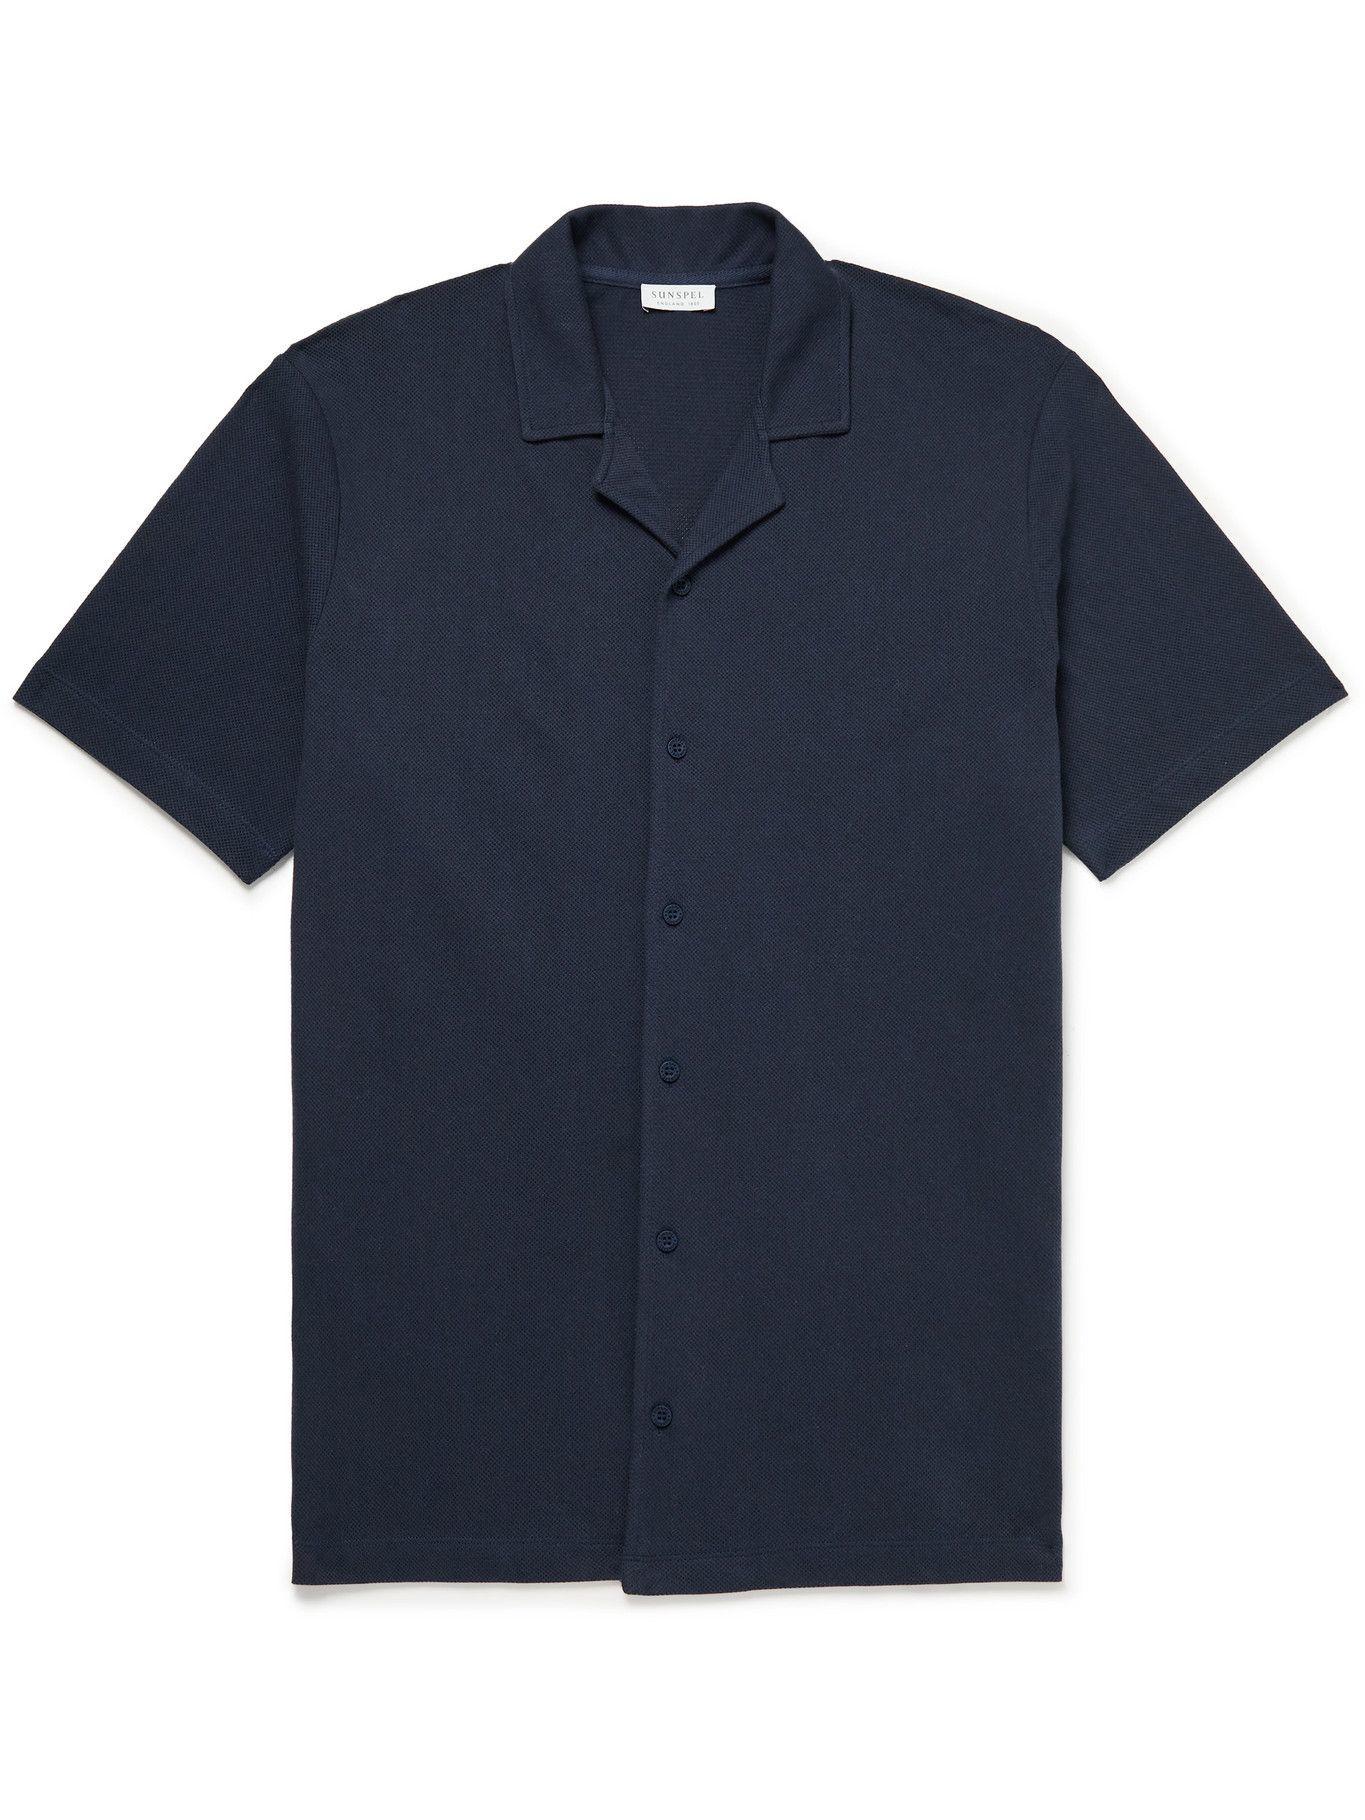 SUNSPEL - Camp-Collar Cotton-Mesh Shirt - Blue